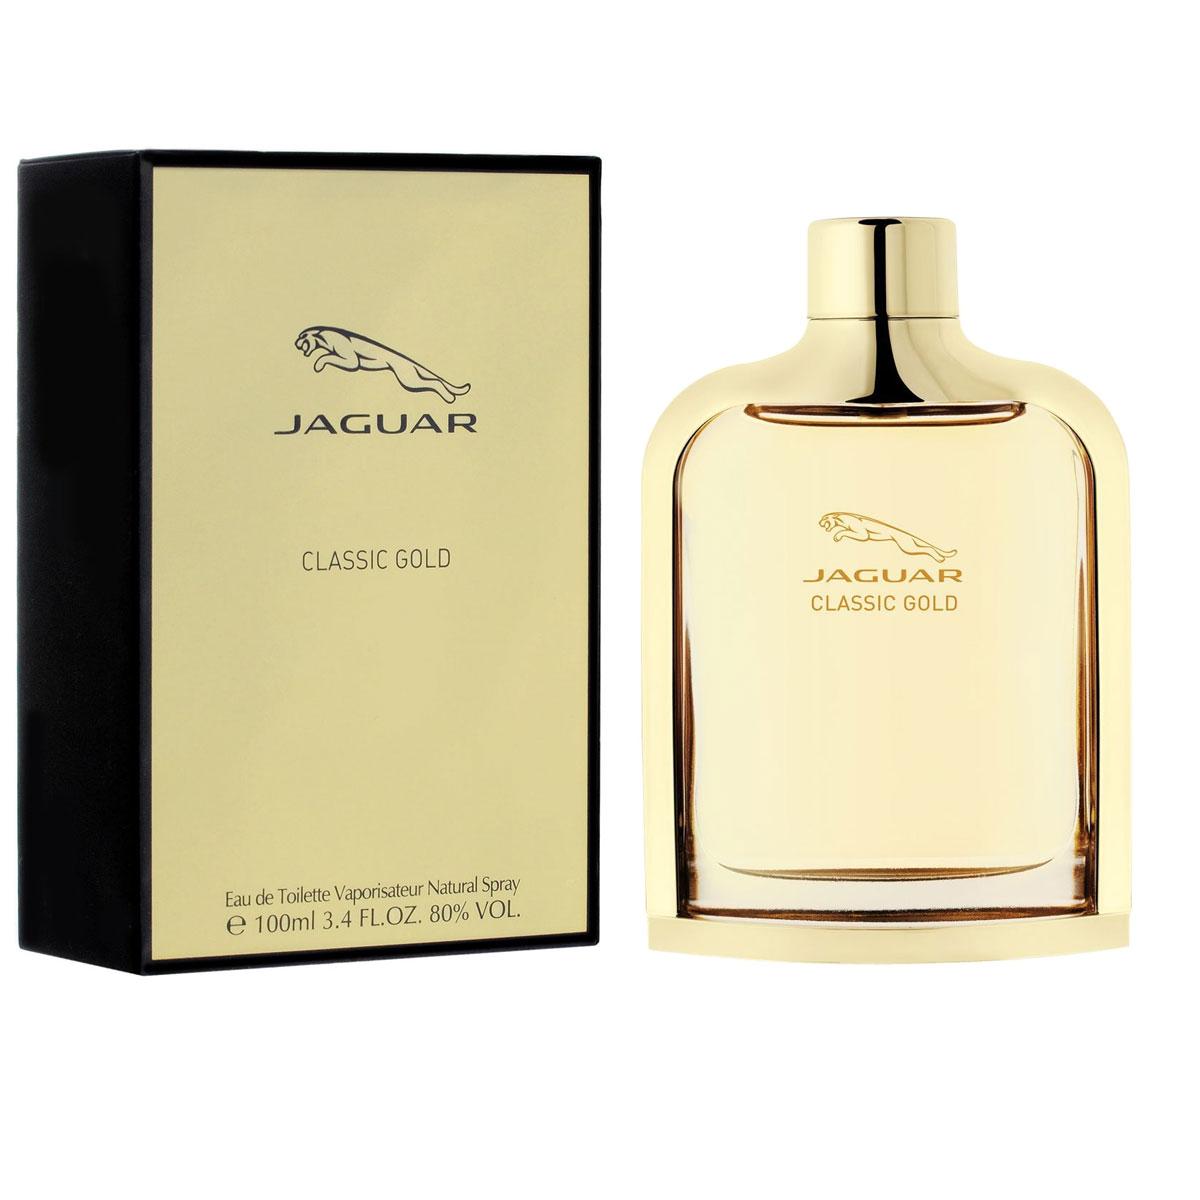 Jaguar Туалетная вода Classic Gold, мужская, 100 млJ370322Аромат Classic Gold от Jaguar создан для мужчин, ценящих все неординарное и оригинальное, для тех, кто любит привлекать к себе внимание и выбирает вещи с характером! Уникальный и неповторимый облик, статус и индивидуальность отражаются в аромате Jaguar Classic Gold. Классификация аромата : древесно-восточный. Пирамида аромата : Верхние ноты: яблоко, лайм, бергамот. Ноты сердца: цветок апельсина, тиковое дерево. Ноты шлейфа: пачули, ваниль, мускус. Ключевые слова Роскошный, мужественный, престижный! Туалетная вода - один из самых популярных видов парфюмерной продукции. Туалетная вода содержит 4-10% парфюмерного экстракта. Главные достоинства данного типа продукции заключаются в доступной цене, разнообразии форматов (как правило, 30, 50, 75, 100 мл), удобстве использования (чаще всего - спрей). Идеальна для дневного использования. ...